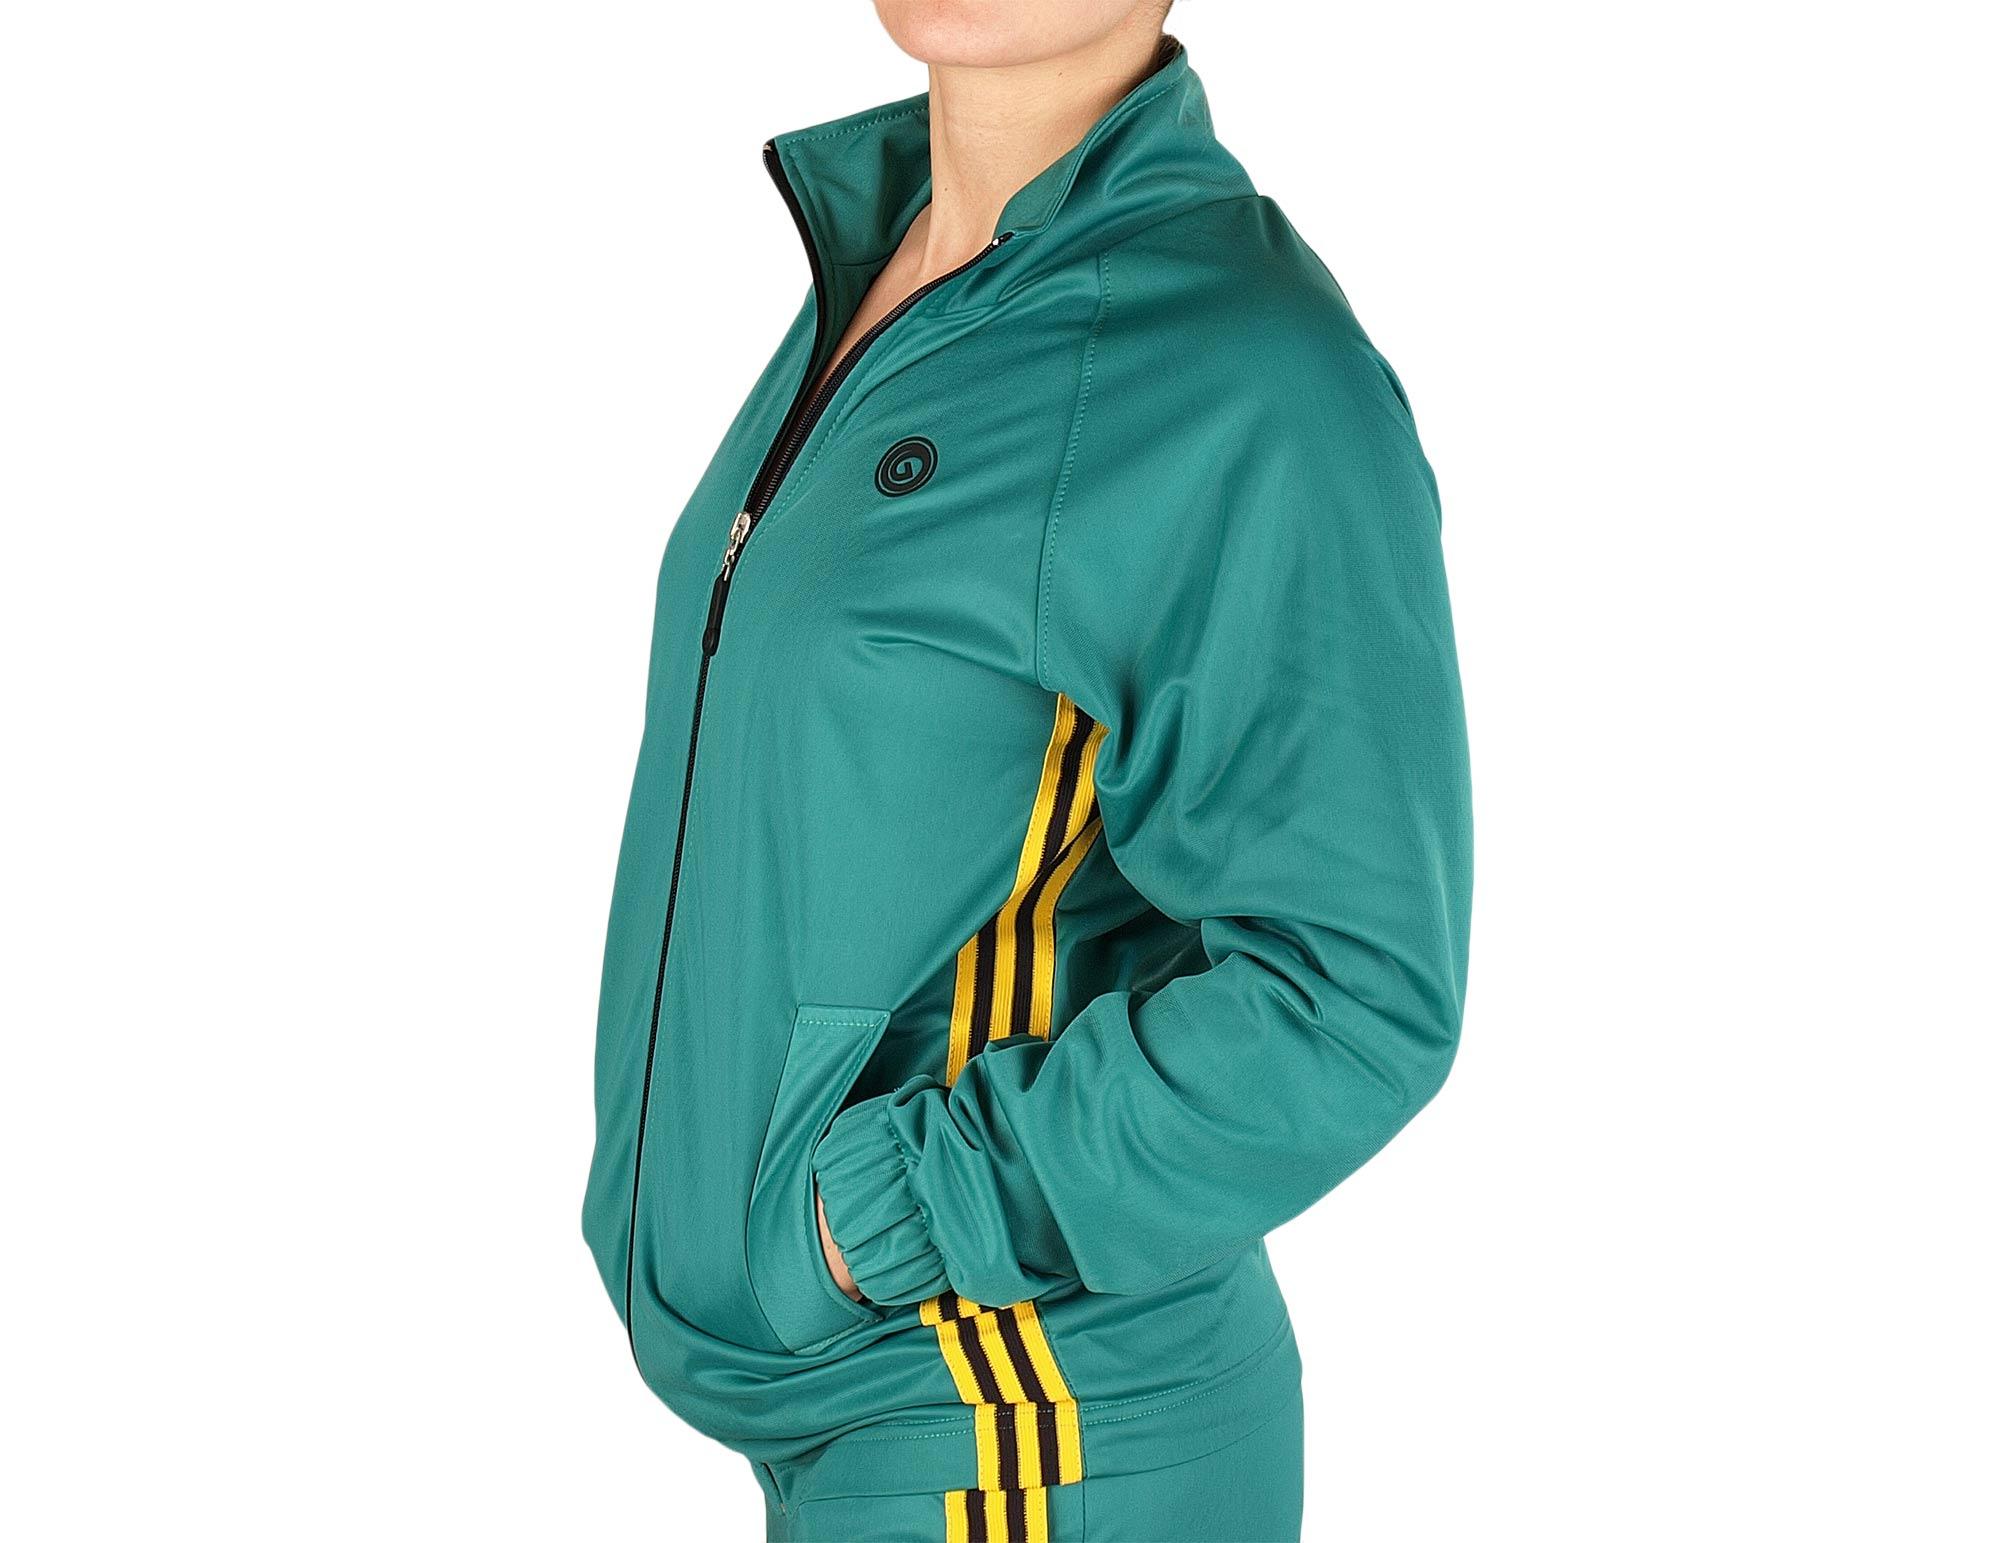 Veste de sport pour femme avec zip